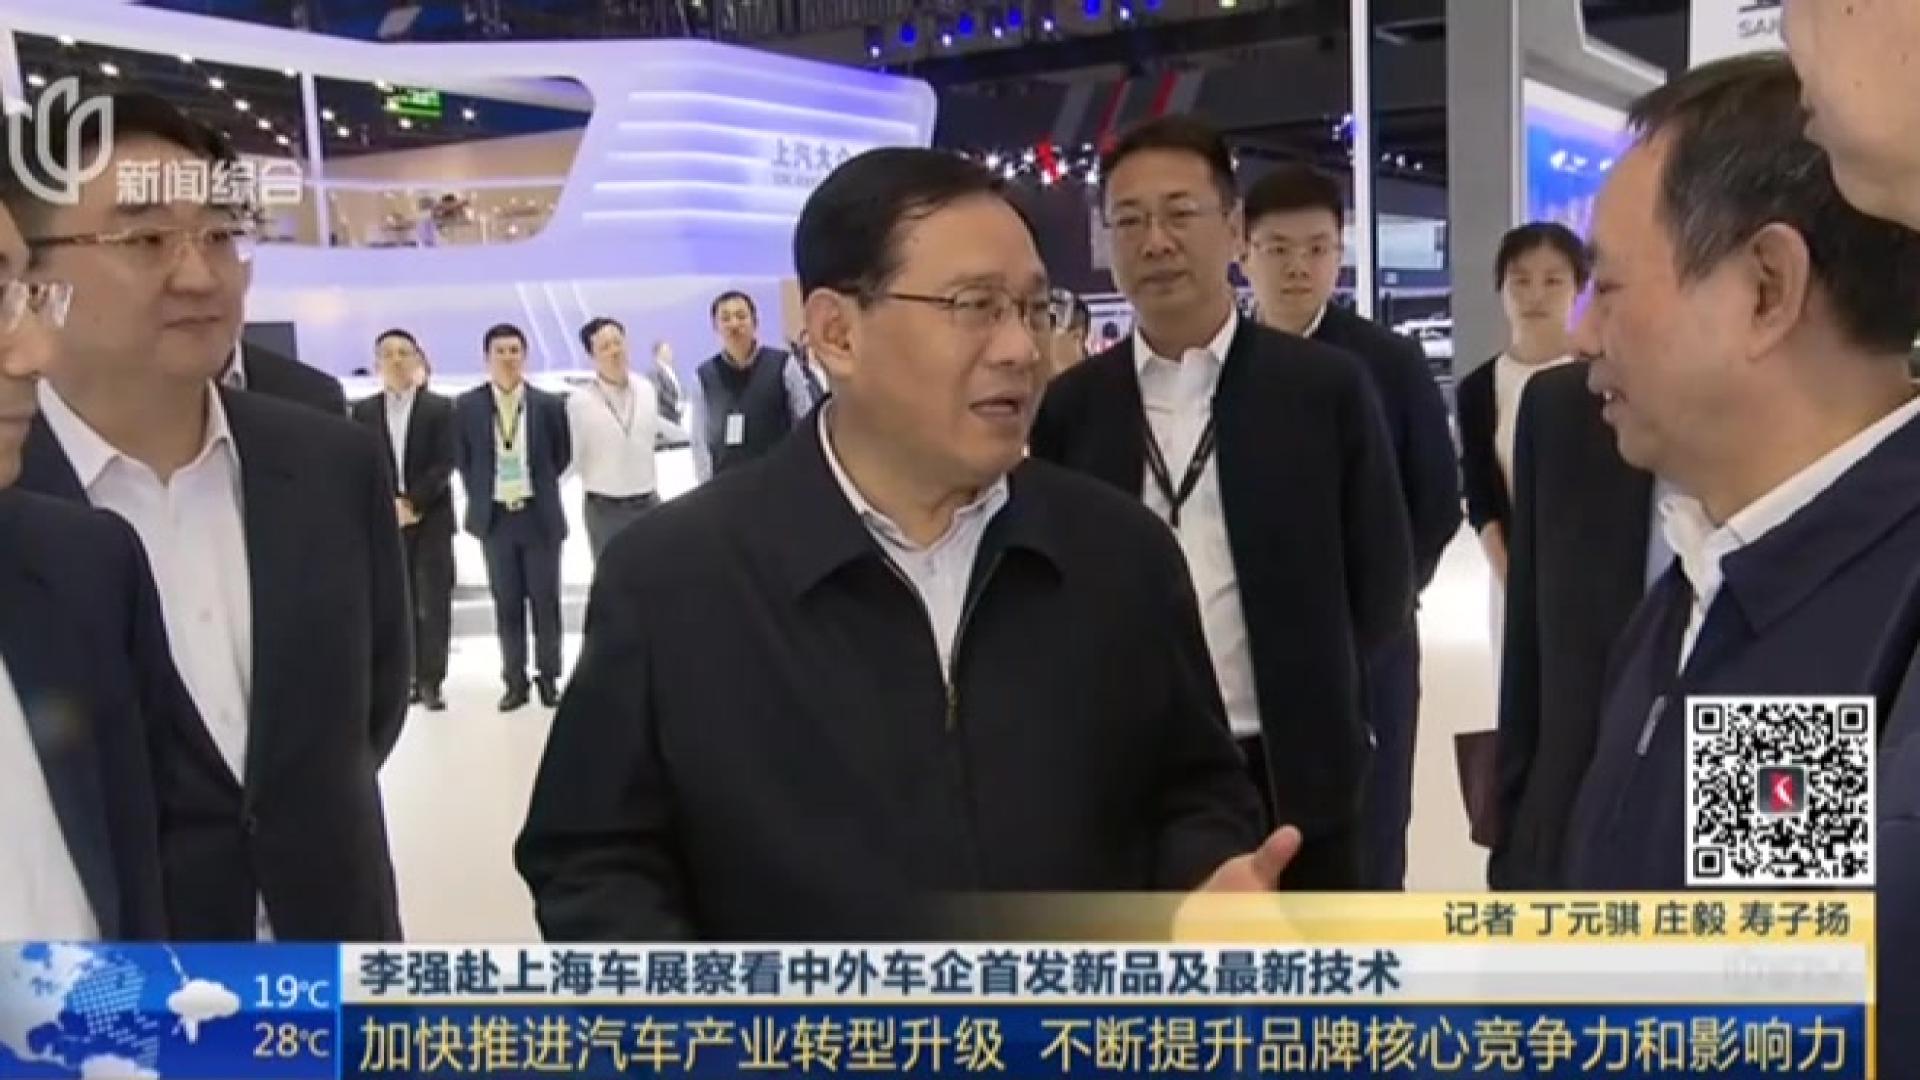 李强赴上海车展察看中外车企首发新品及最新技术